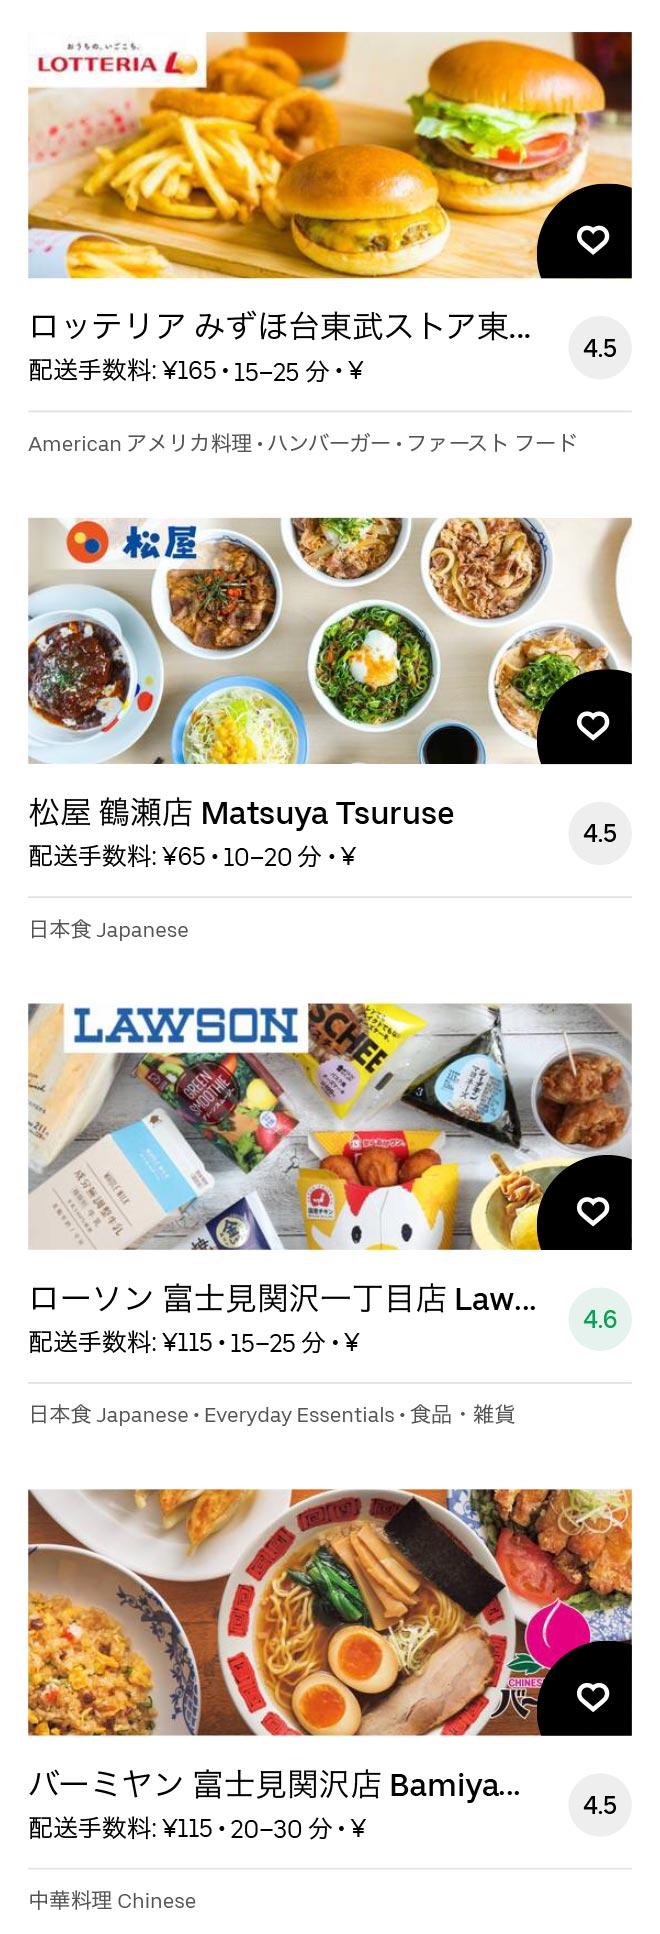 Tsuruse menu 2011 02